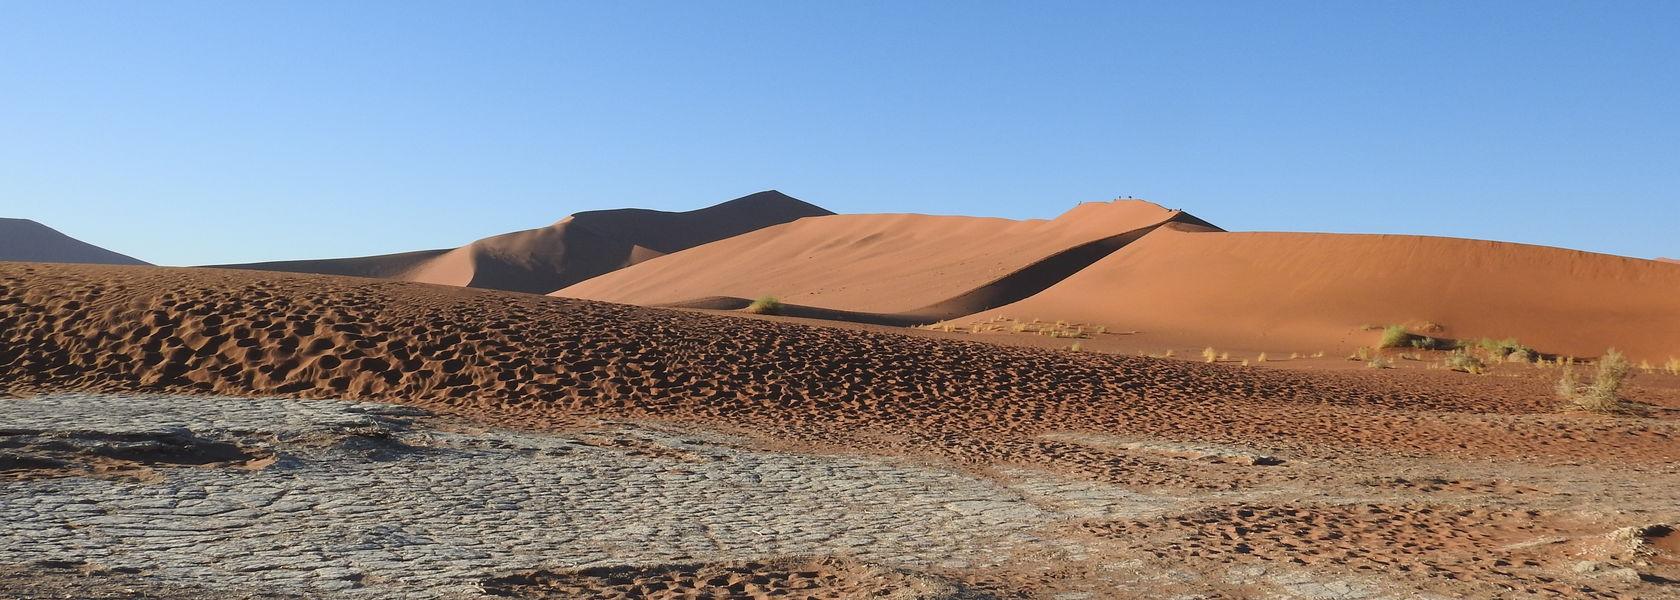 De zandduinen van de Sossusvlei | Matoke Tours